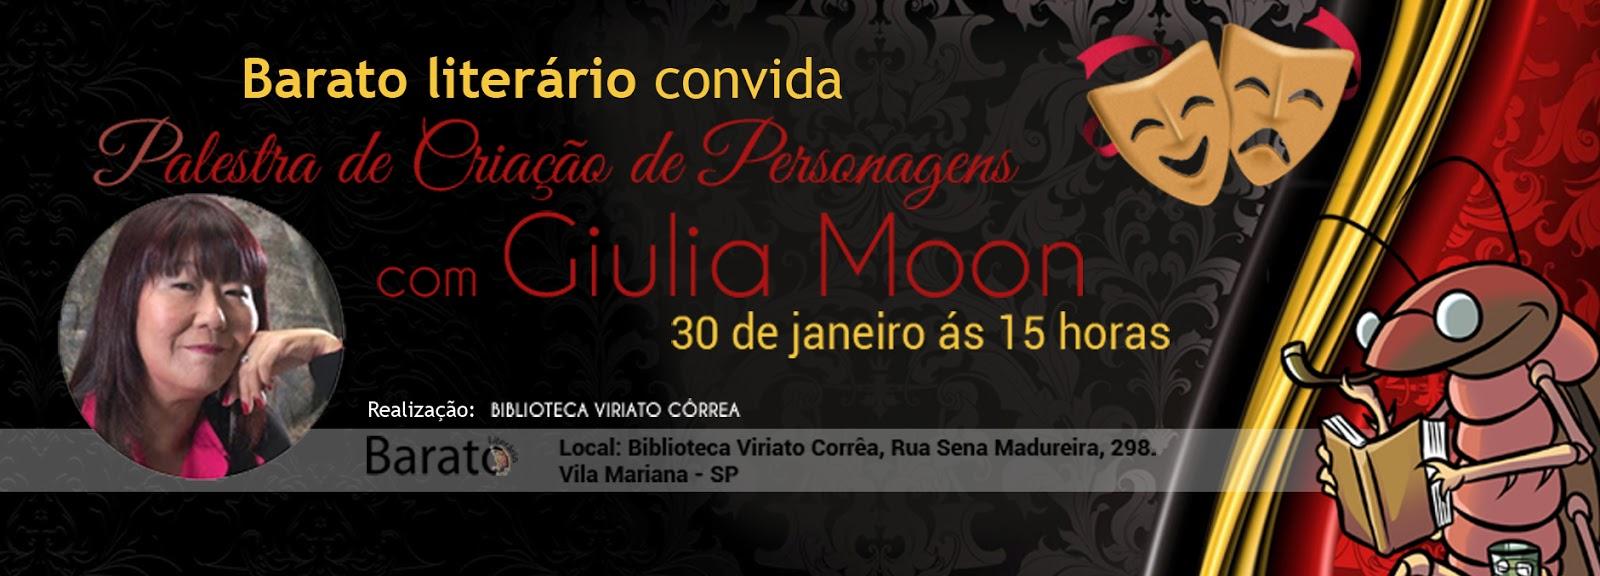 Evento: Palestra de Criação de Personagens com GiuliaMoon O Gabriel Lucas - #OGL